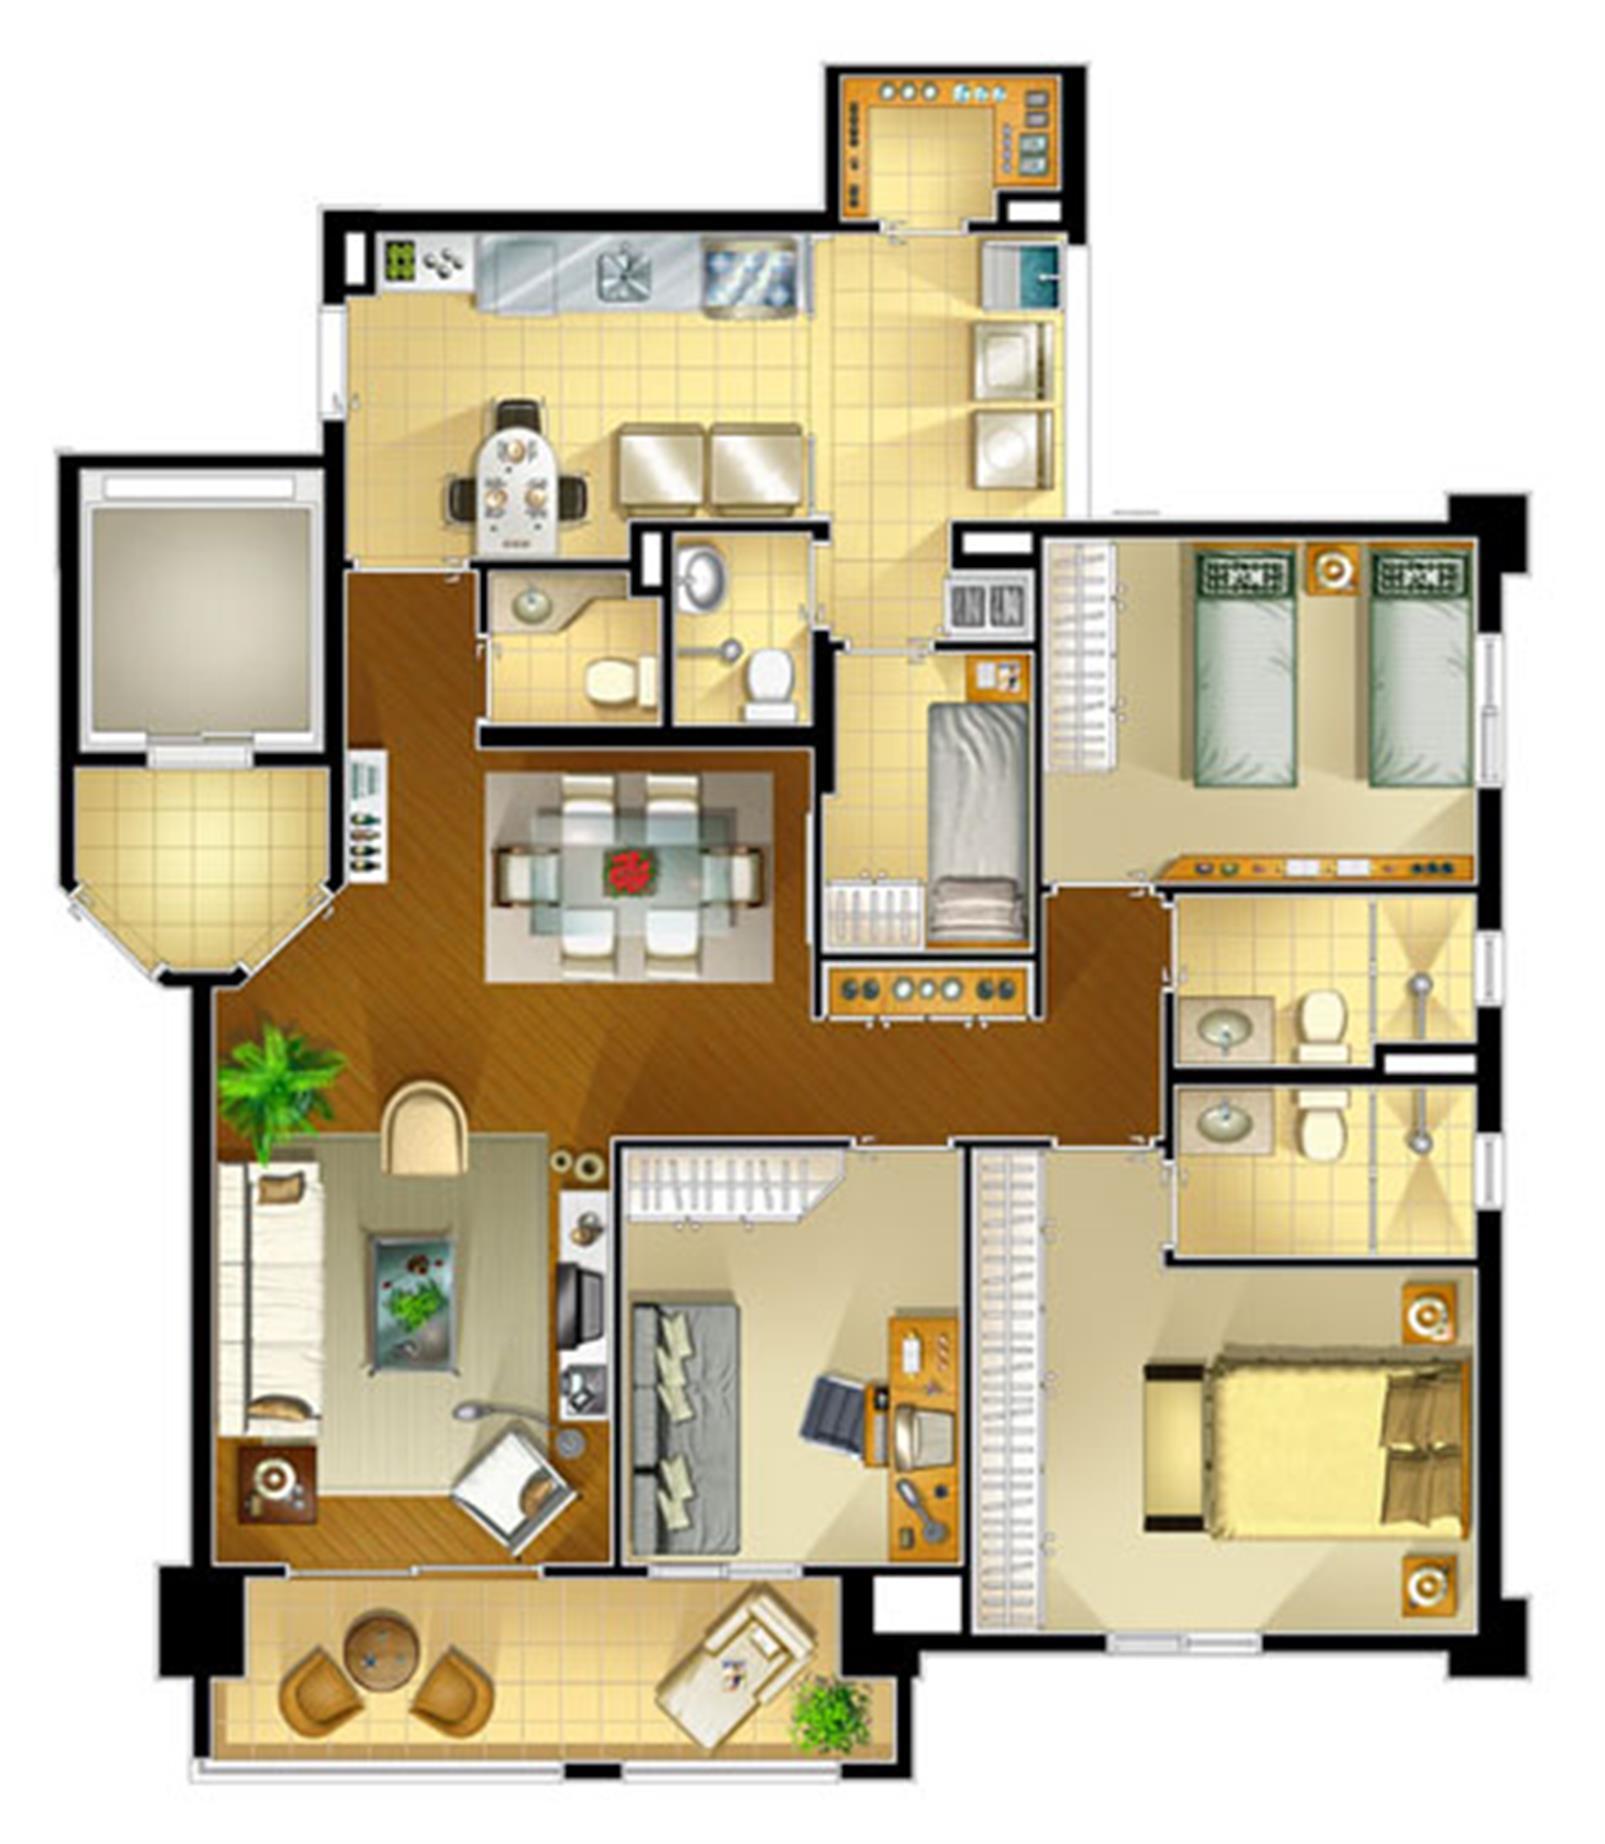 Planta tipo 107 m² com 3 dorm. (1 suíte) | Portale della Mooca – Apartamentona  Mooca - São Paulo - São Paulo